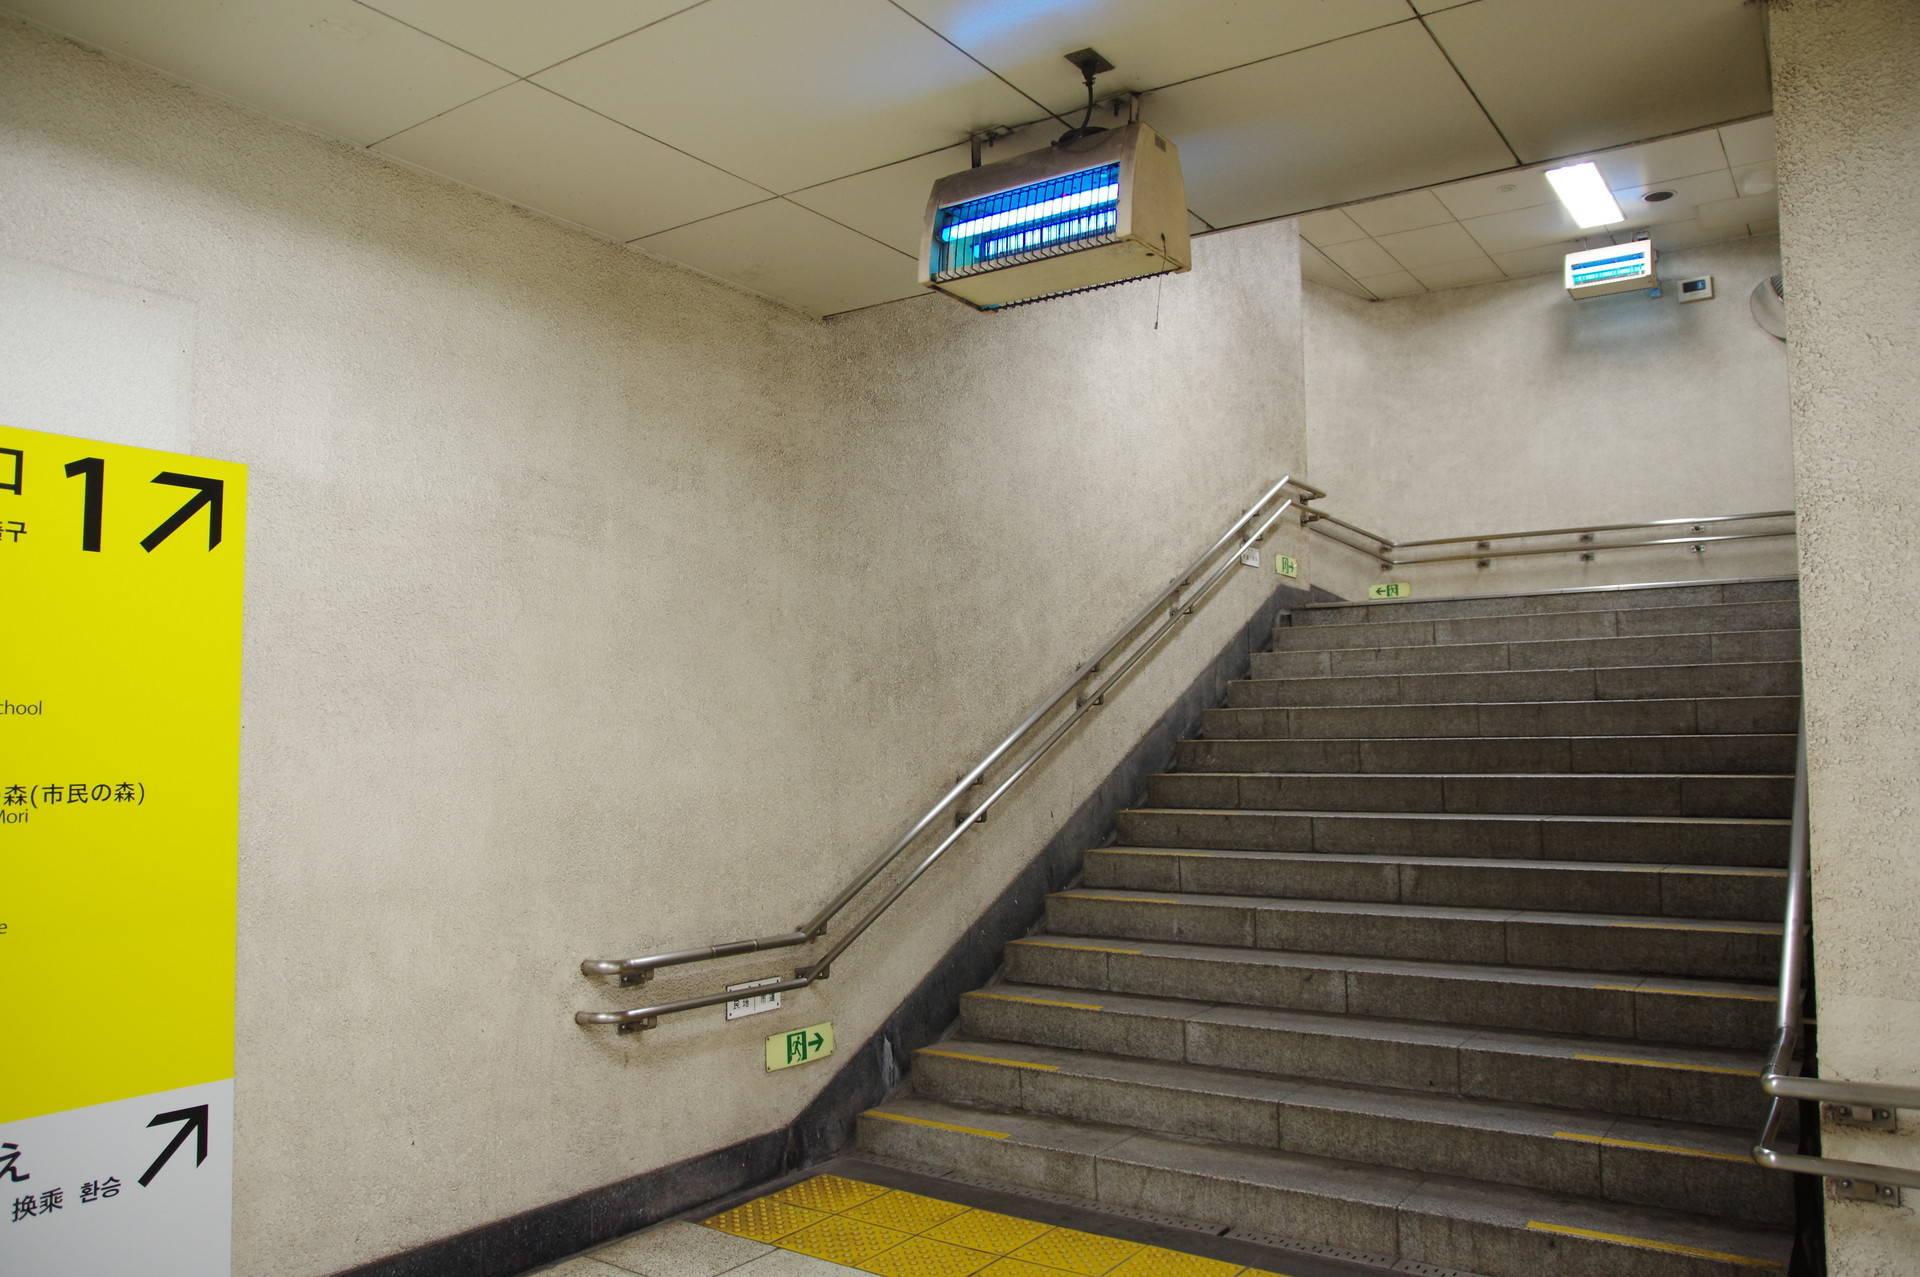 青い灯具がある階段